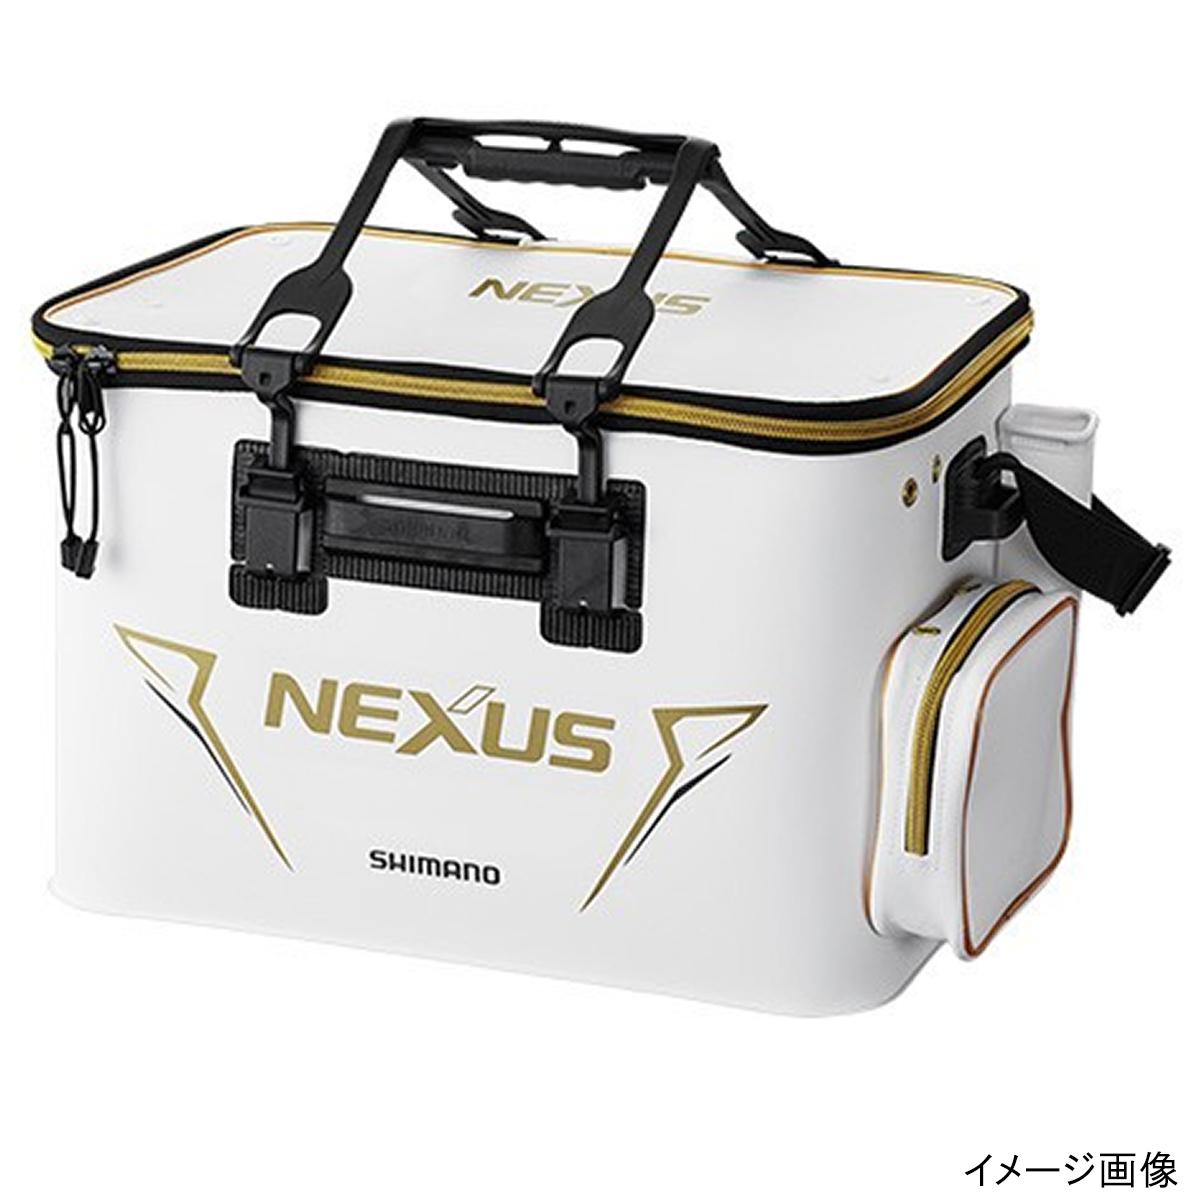 シマノ NEXUS フィッシュバッカン EX(ハードタイプ) BK-124R 50 ホワイト